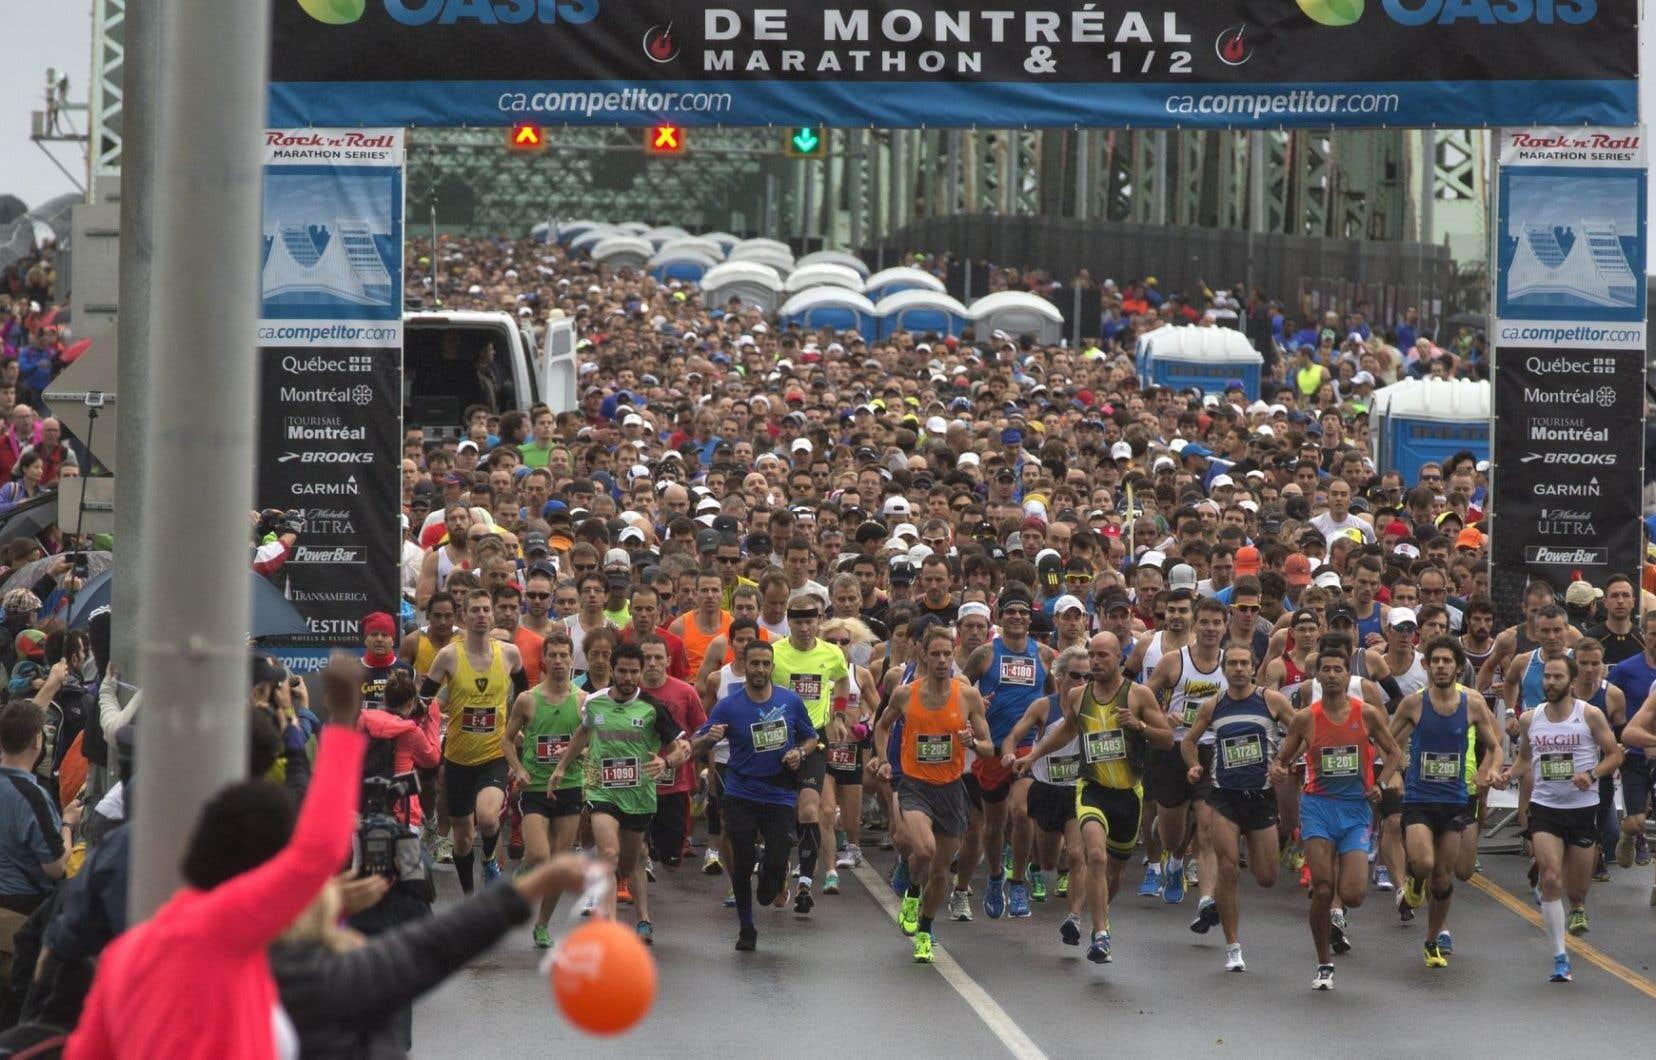 La mère du jeune homme a été soulagée lorsque la journée du marathon de Montréal est passée <em>«tellement on avait peur qu'il fasse quelque chose. […] Une attaque, je ne sais pas.»</em>